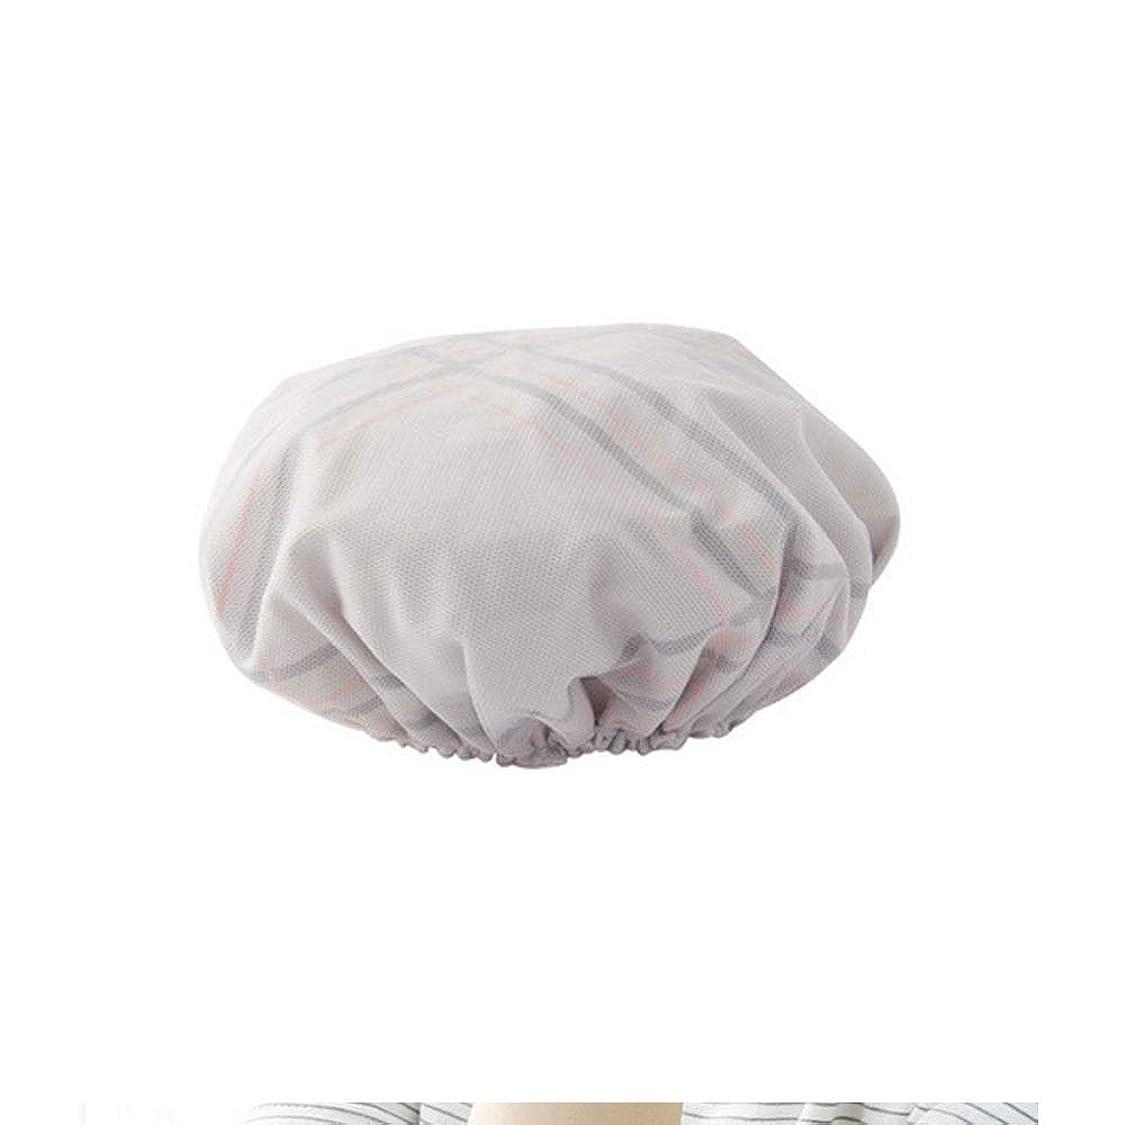 極地ワイヤー絶対にシャワーキャップ、レディースシャワーキャップレディース用のすべての髪の長さと太さのデラックスシャワーキャップ - 防水とカビ防止、再利用可能なシャワーキャップ。 (Color : Gray)